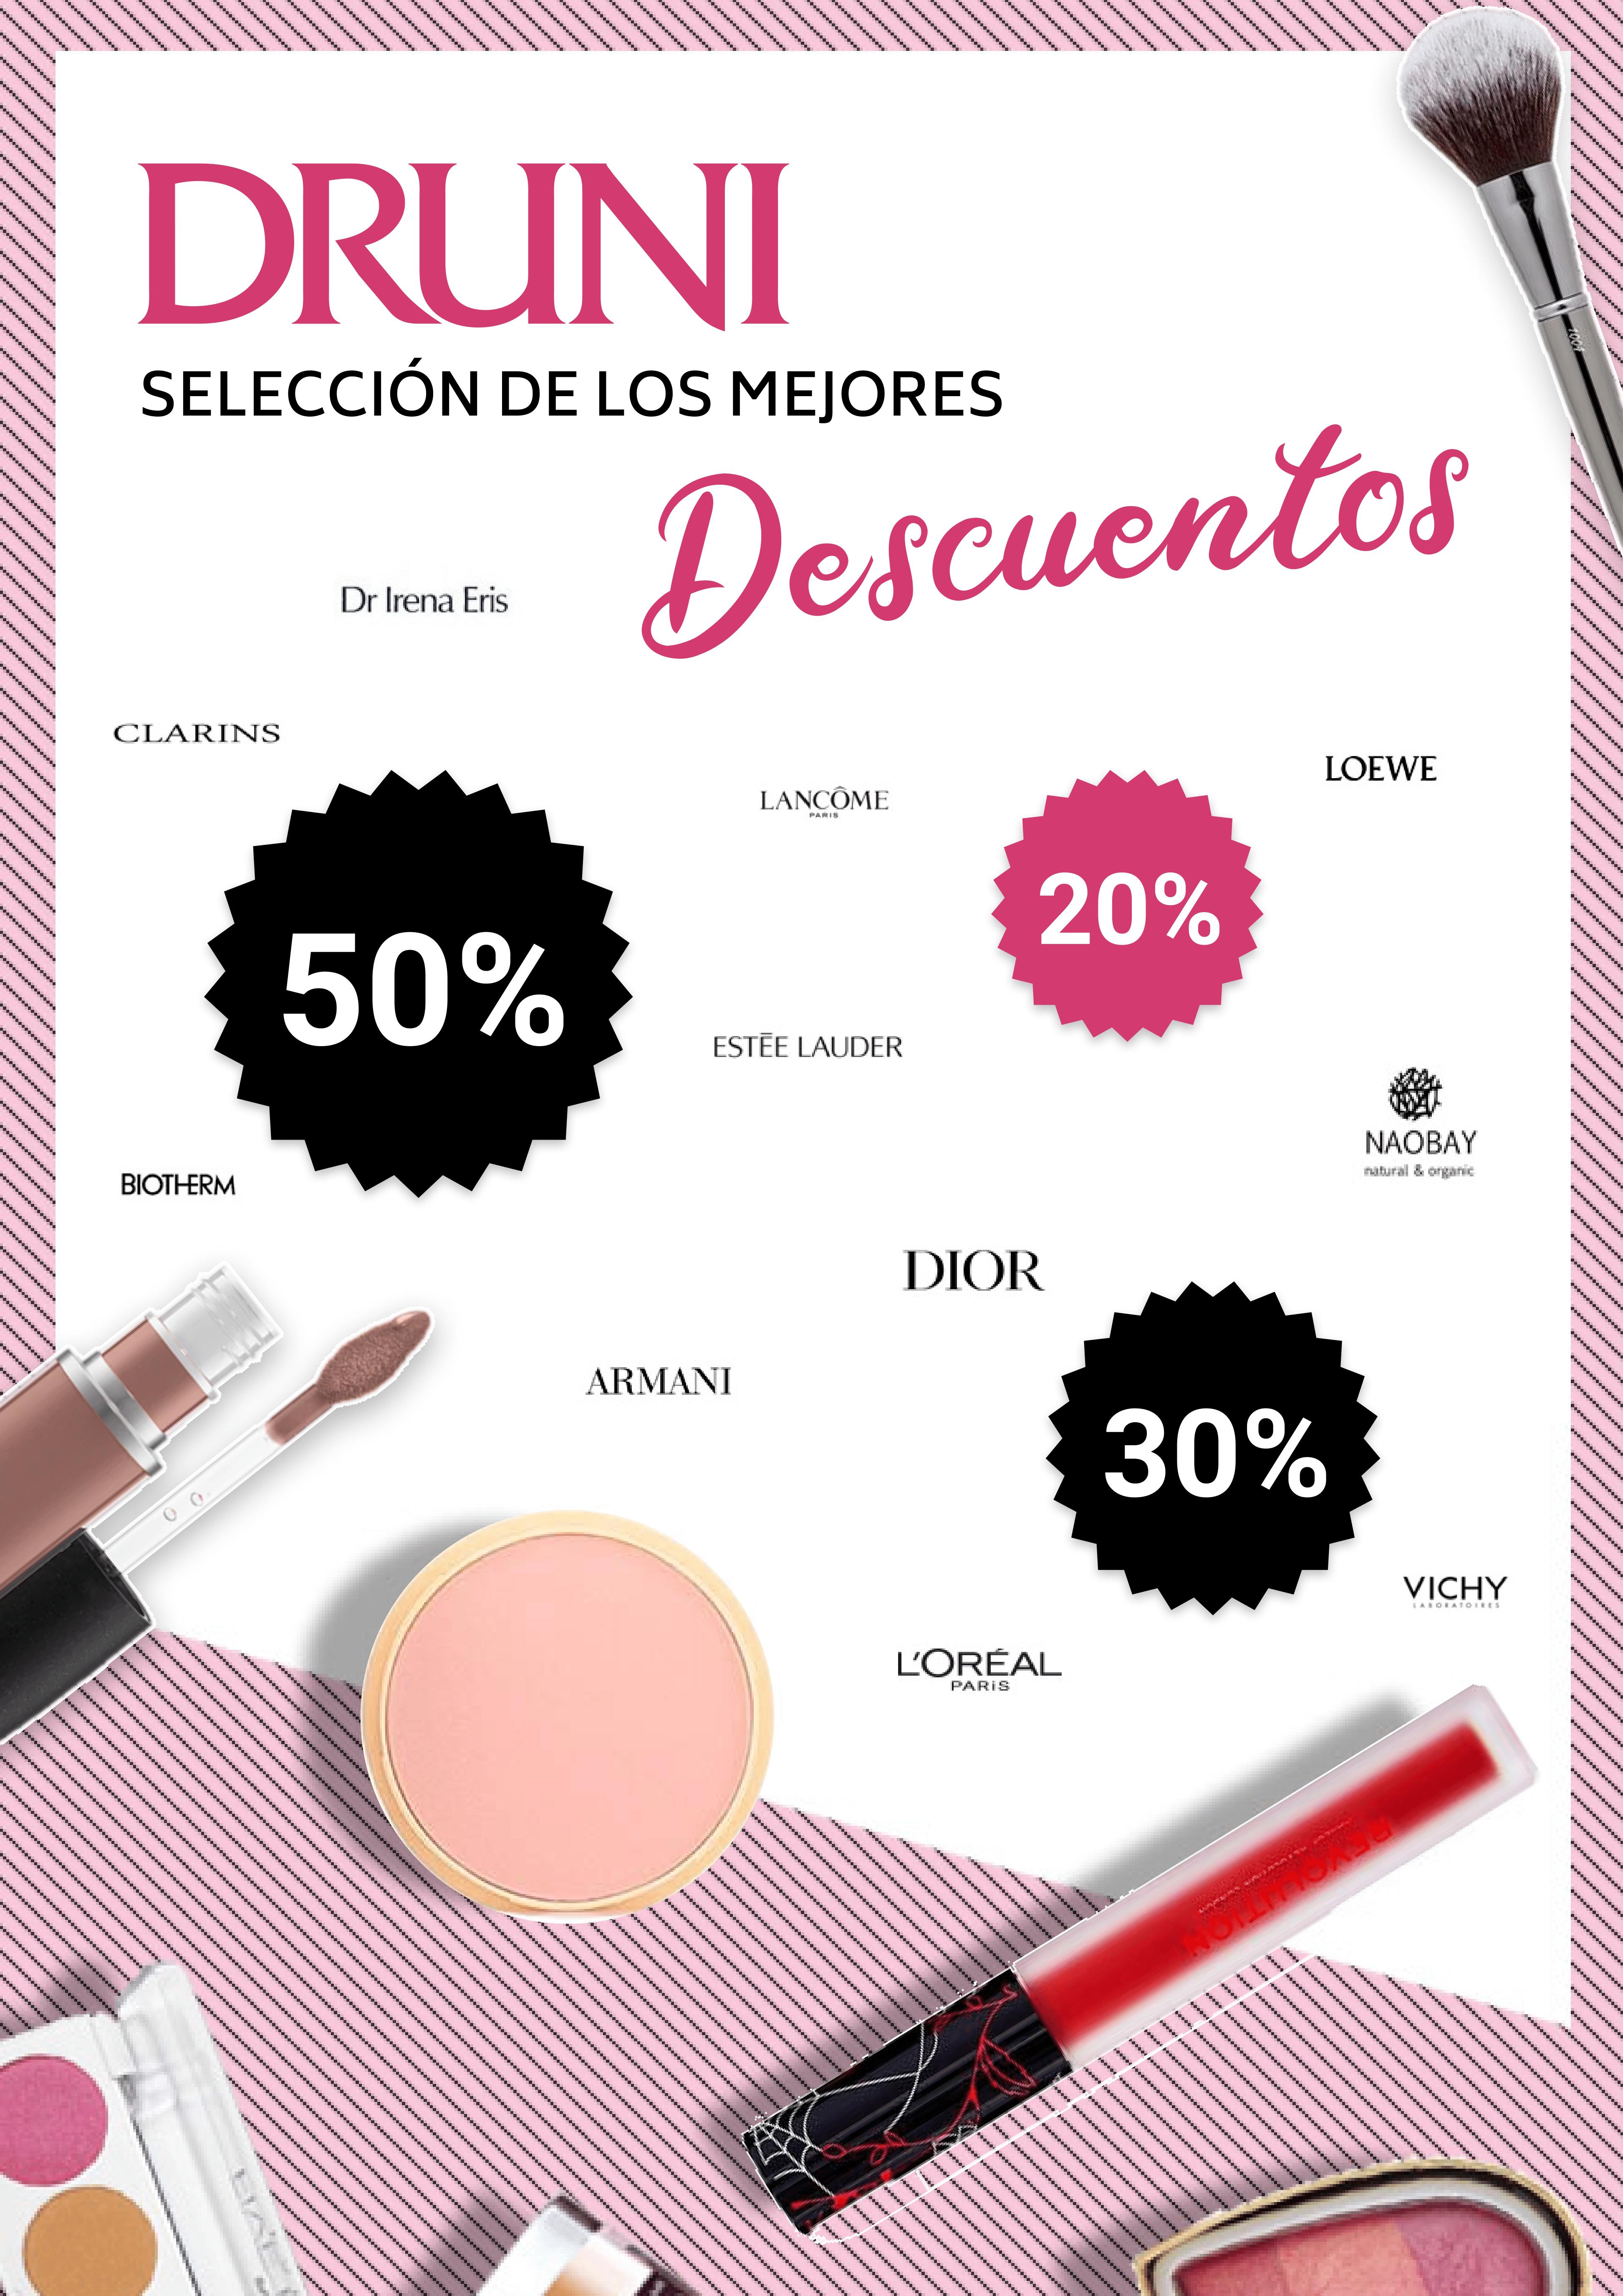 Ofertas de Perfumerías y Belleza en el catálogo de Druni en Camas ( Publicado ayer )